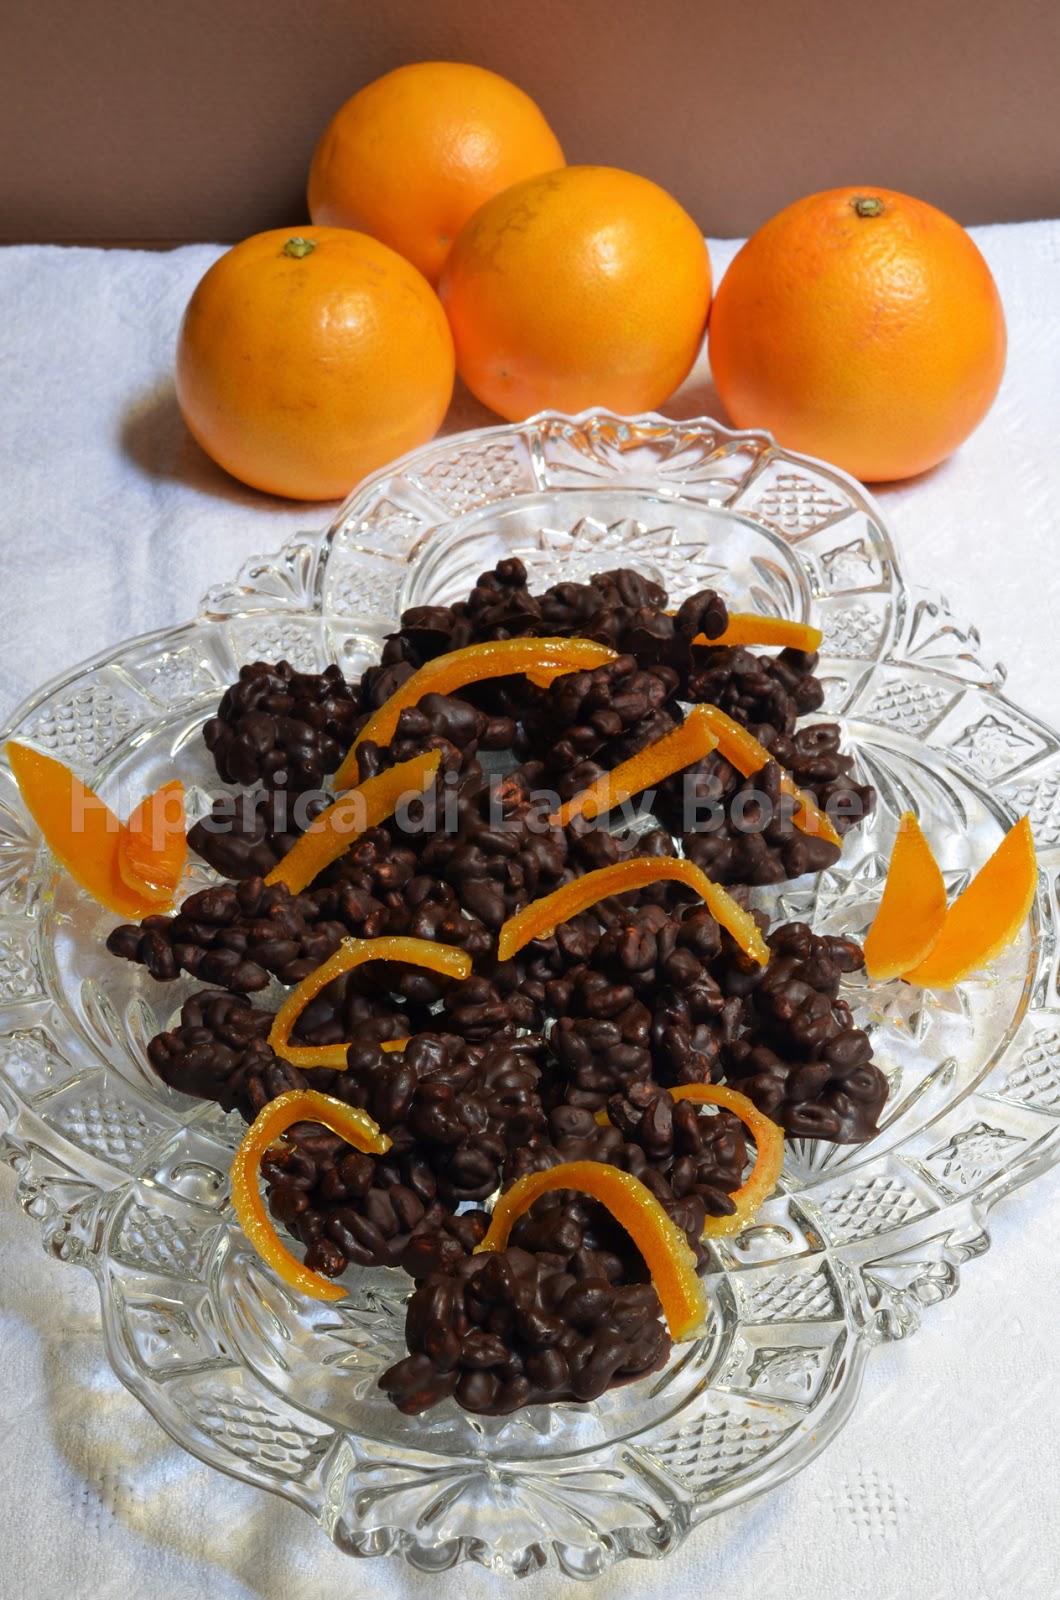 hiperica_lady_boheme_blog_cucina_ricette_gustose_facili_veloci_farro_soffiato_al_cioccolato_1